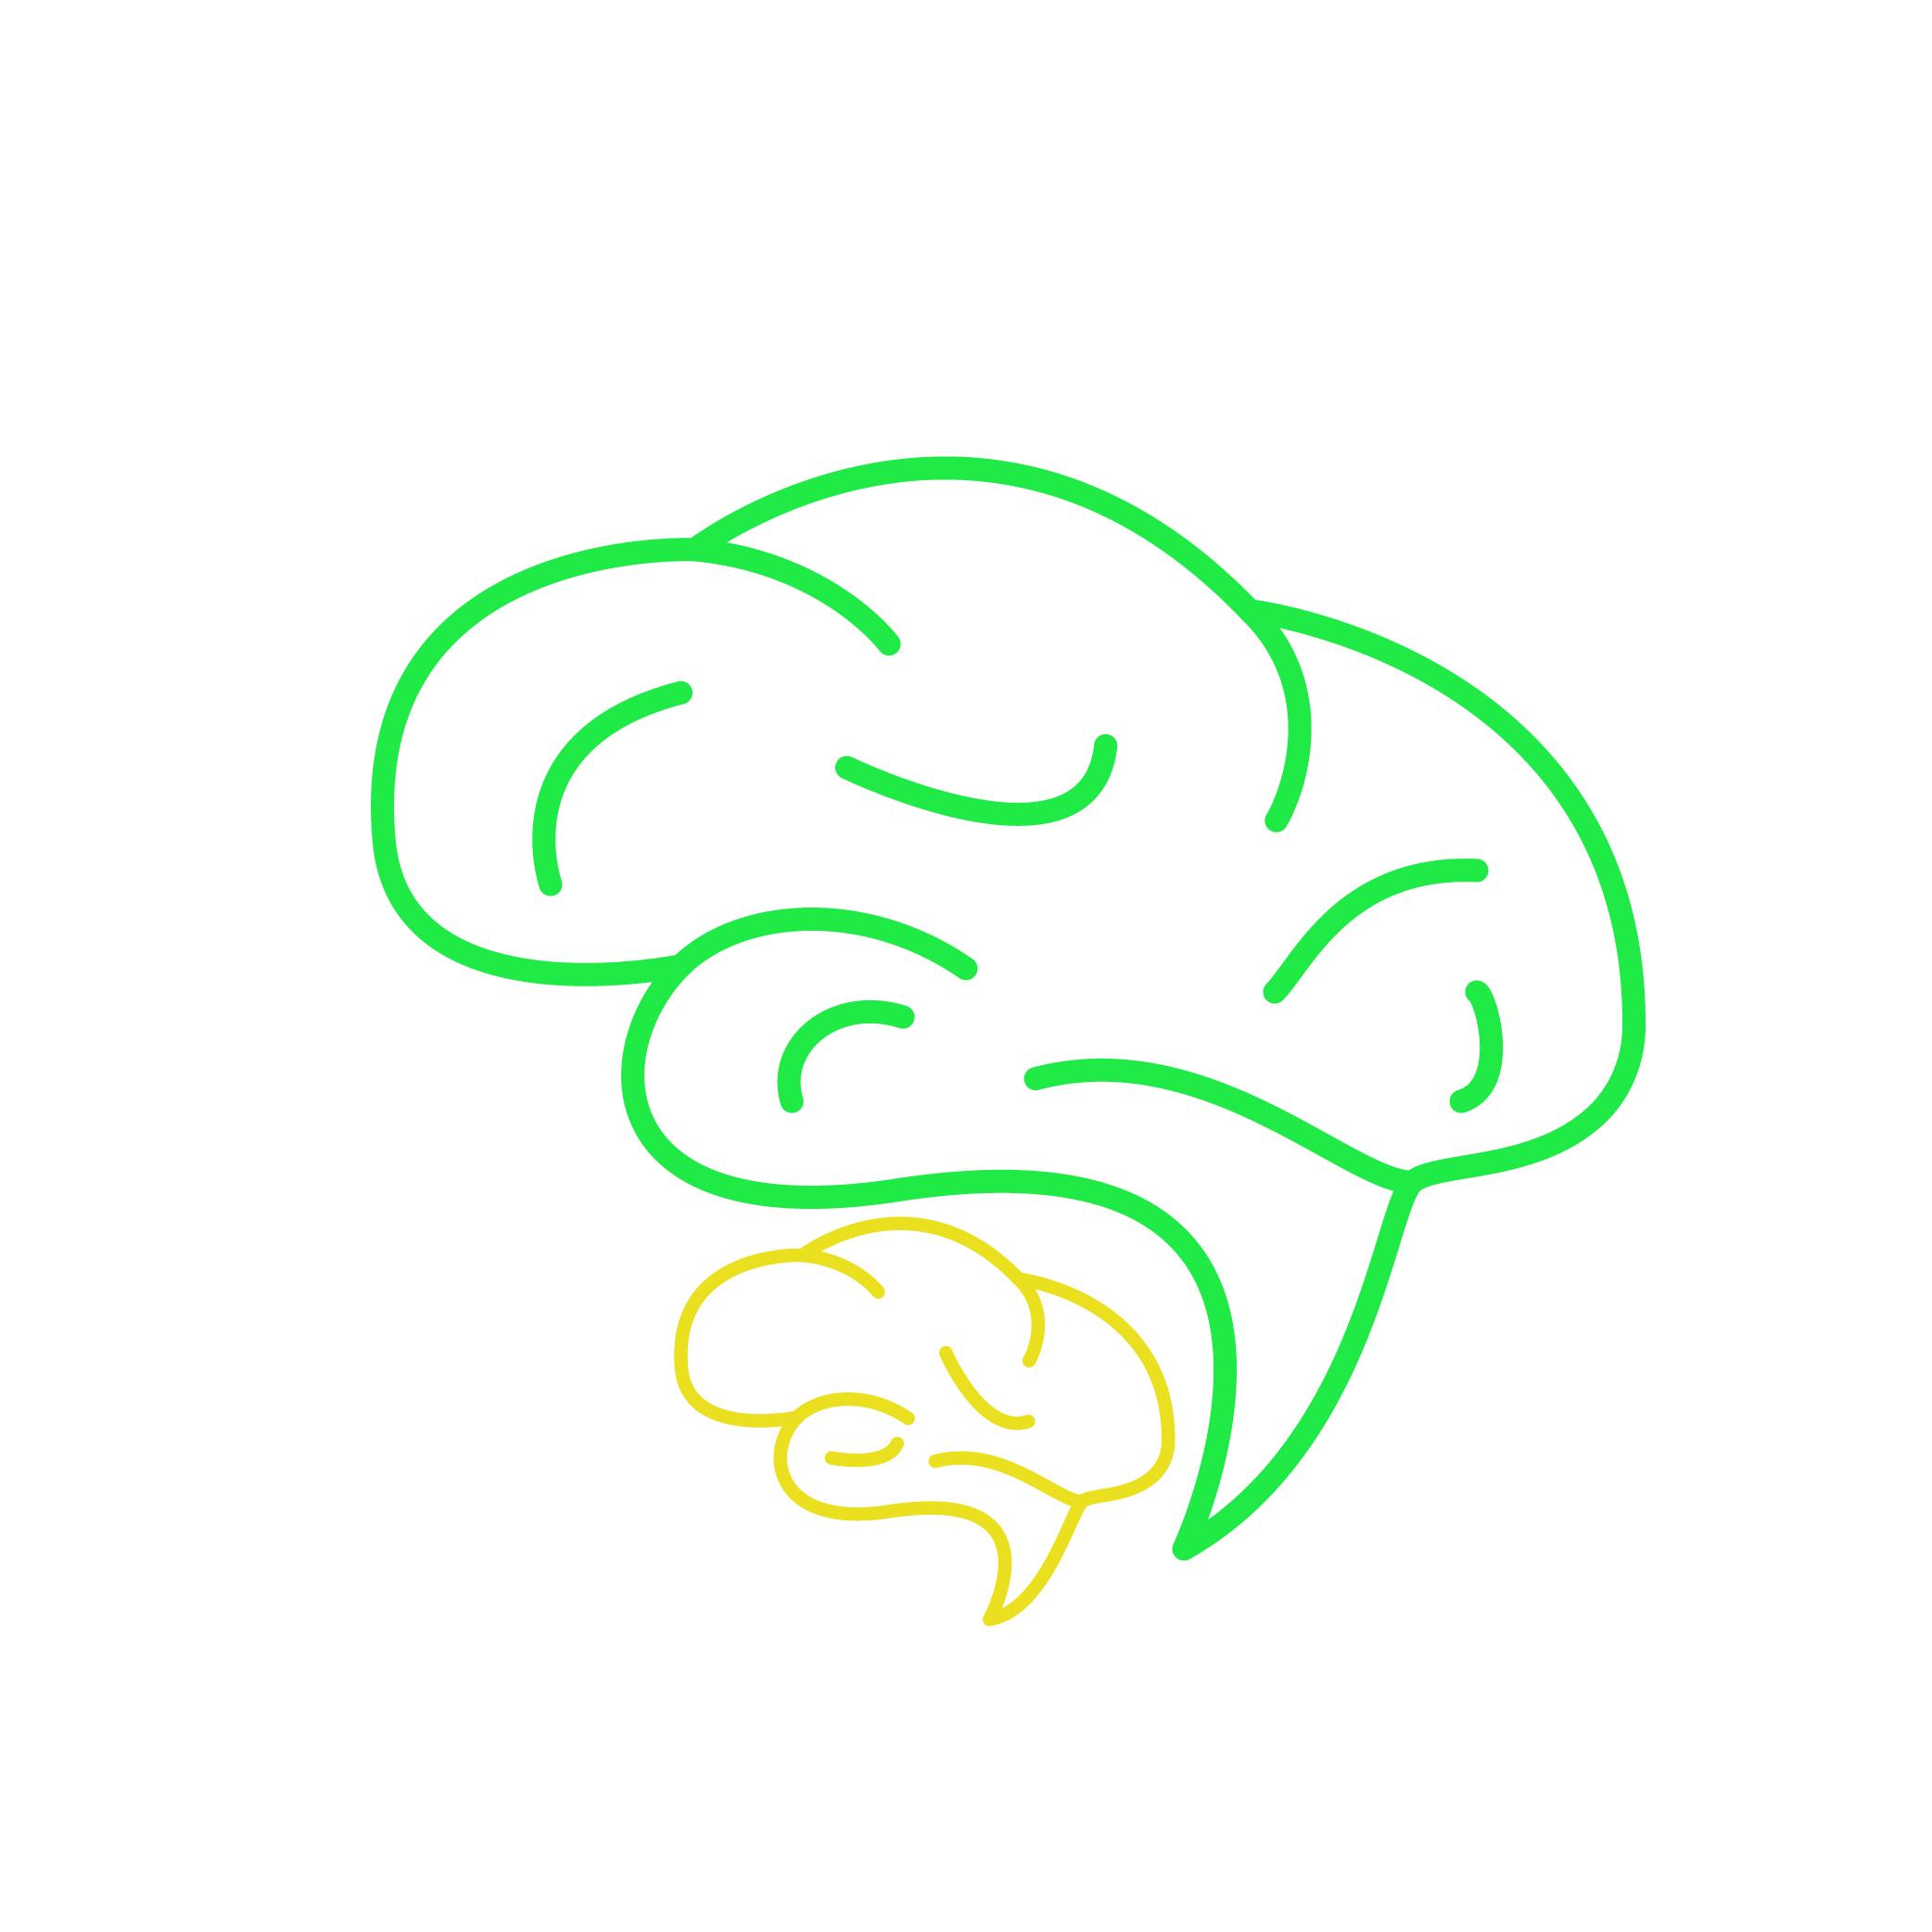 Разработать логотип для Онлайн-школы и сообщества фото f_5705bc0f9cbbdde0.jpg